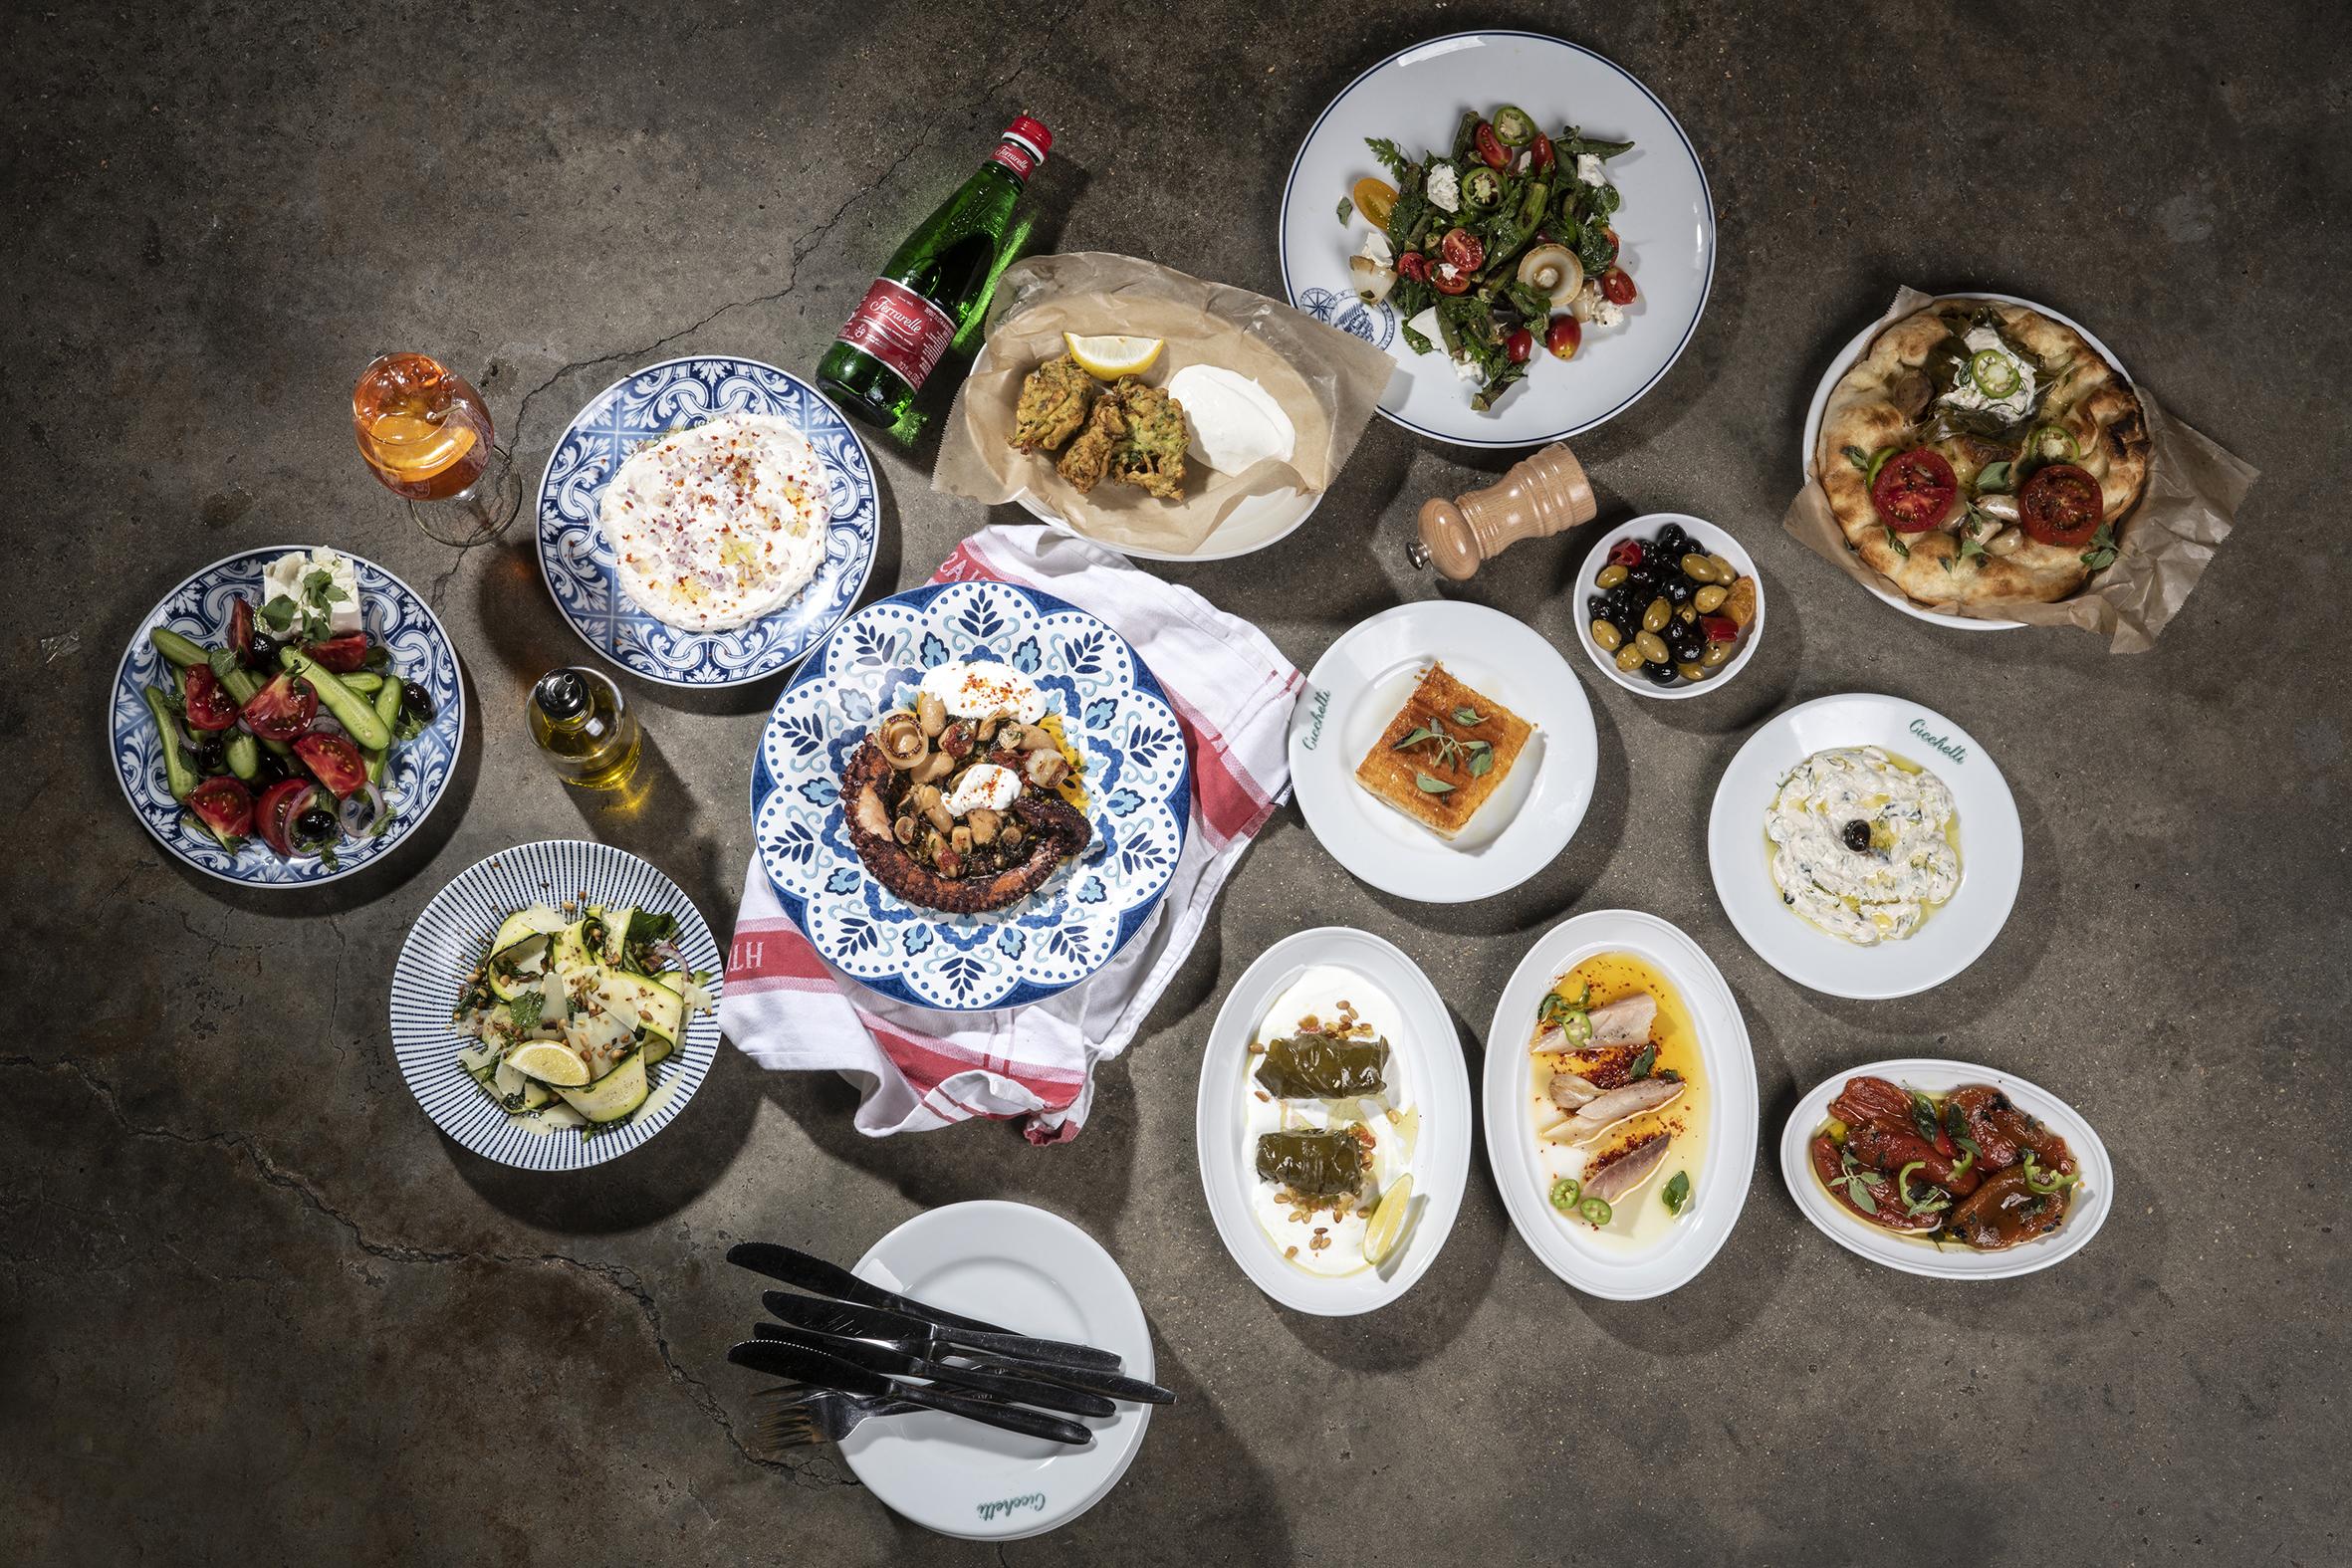 פתיחת שולחן בטברנה יוונית (צלם: איליה מלניקוב)